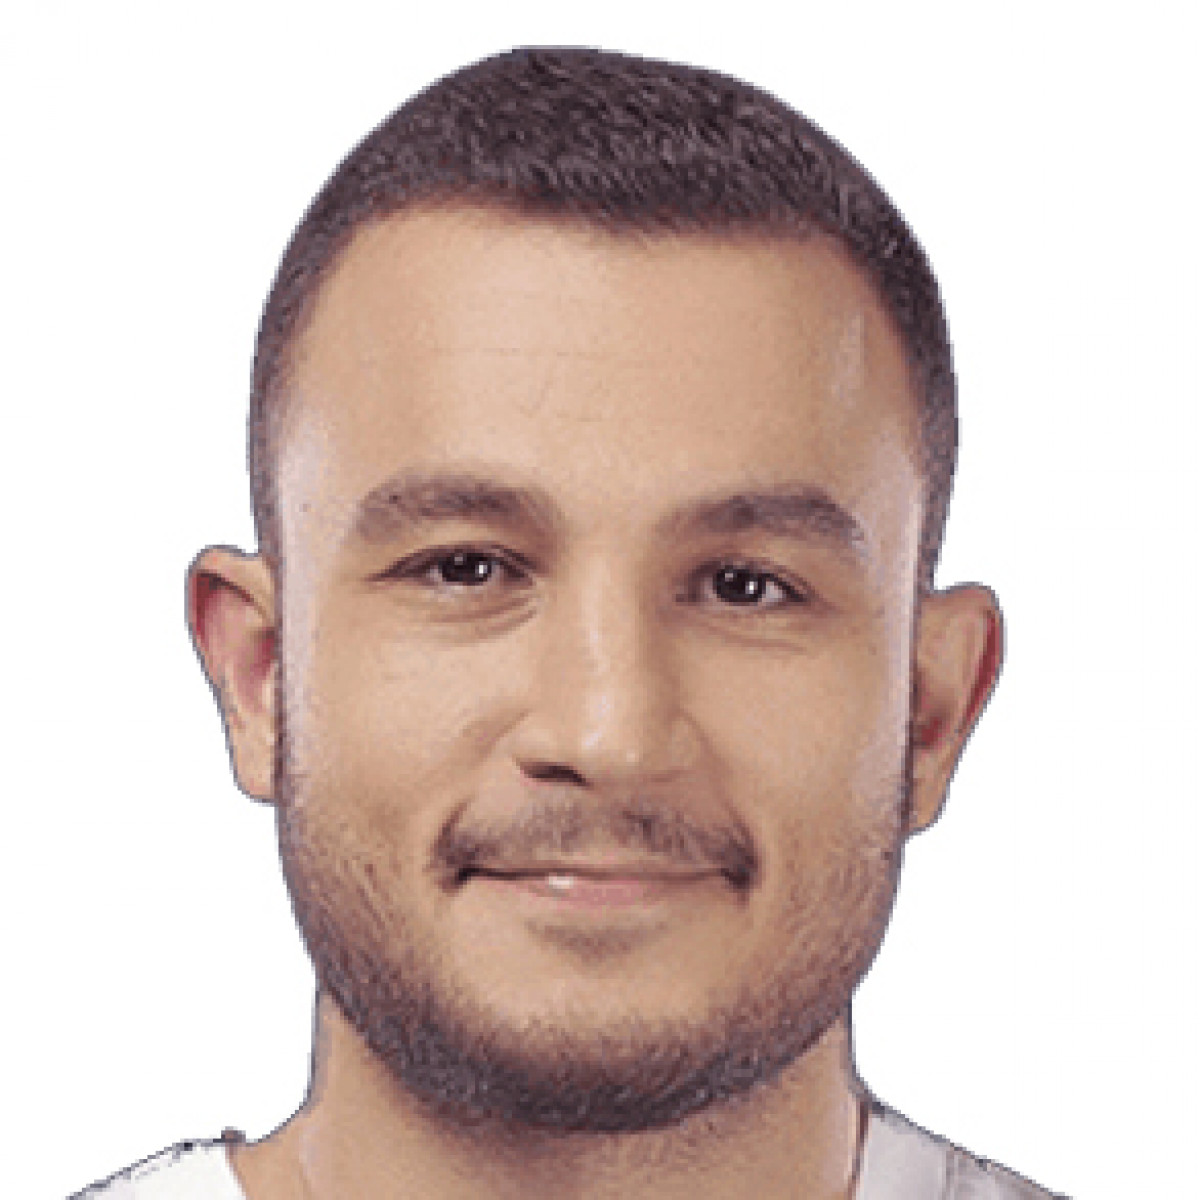 Mehmet Yagmur